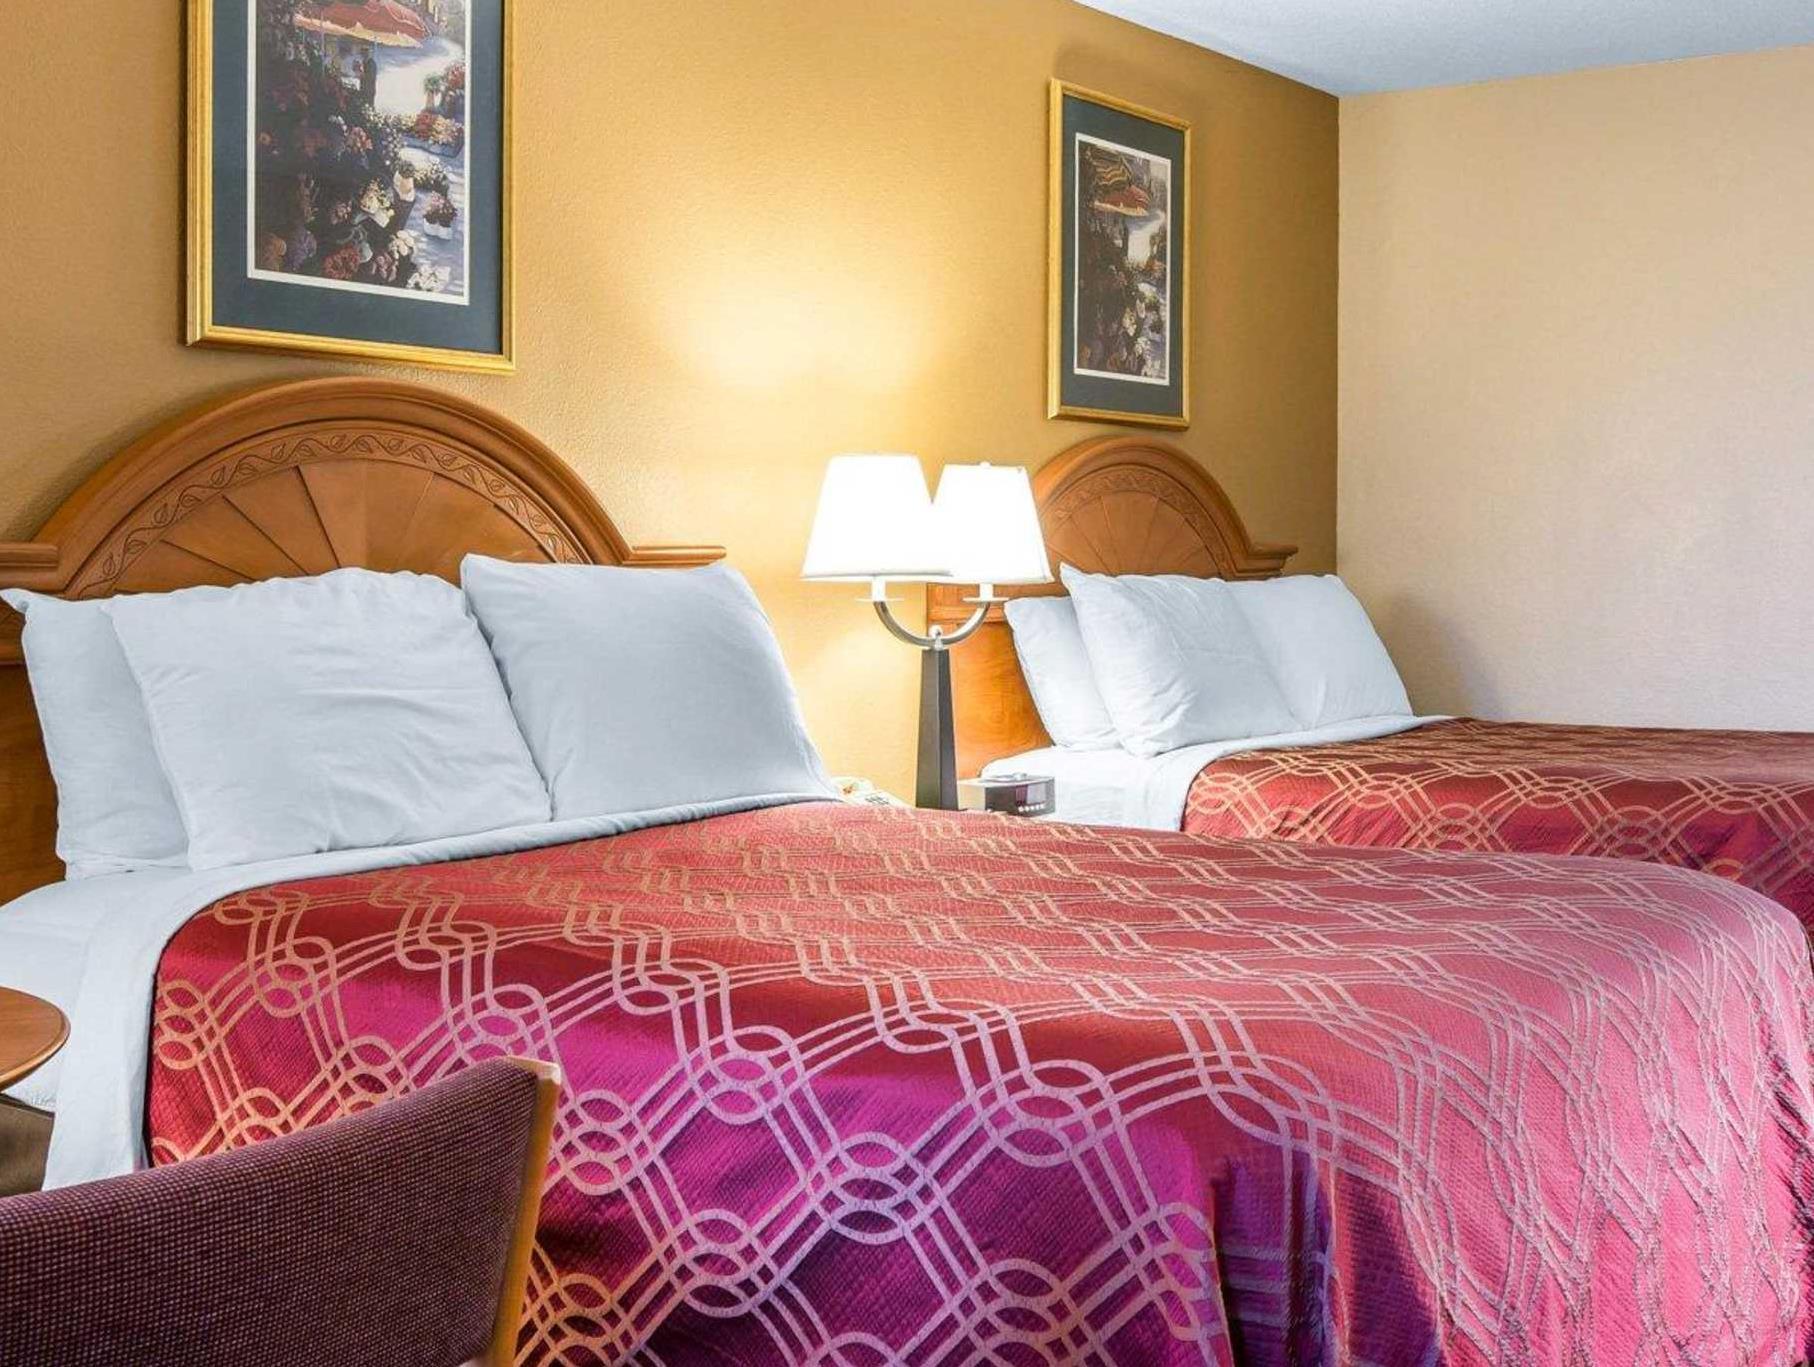 Econo Lodge Reviews